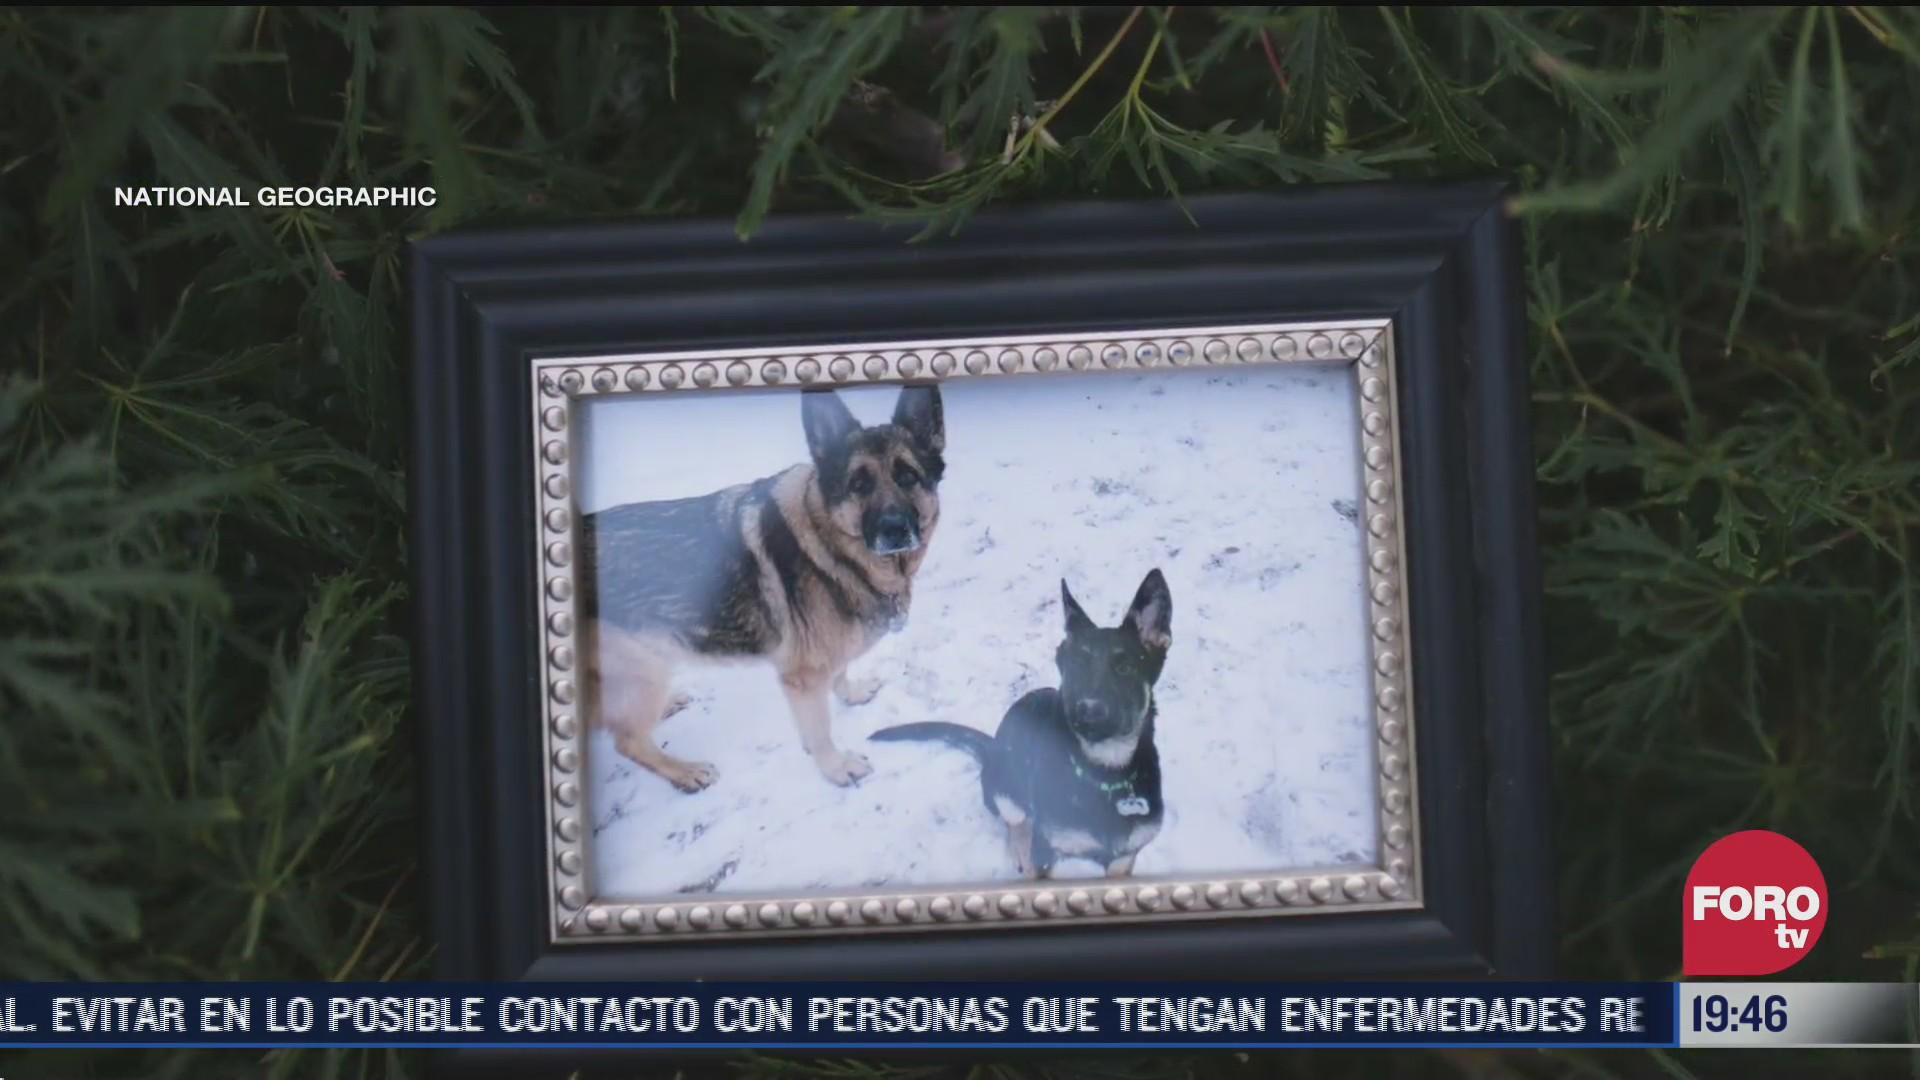 Dogilike.com :: แกะรอยการตาย! สุนัขตัวแรกในสหรัฐฯ ที่ตรวจพบเชื้อ Covid-19